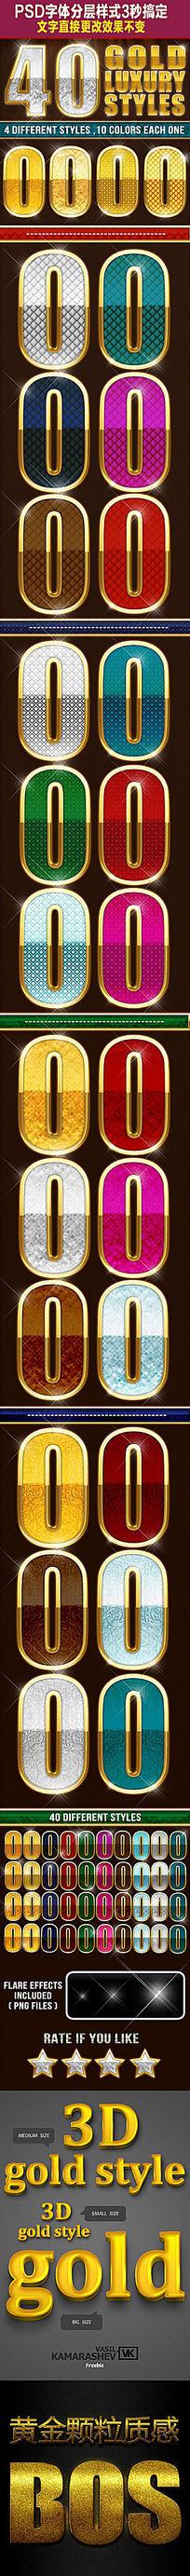 42款金属黄金字体文字可直接更改效果不变 PSD